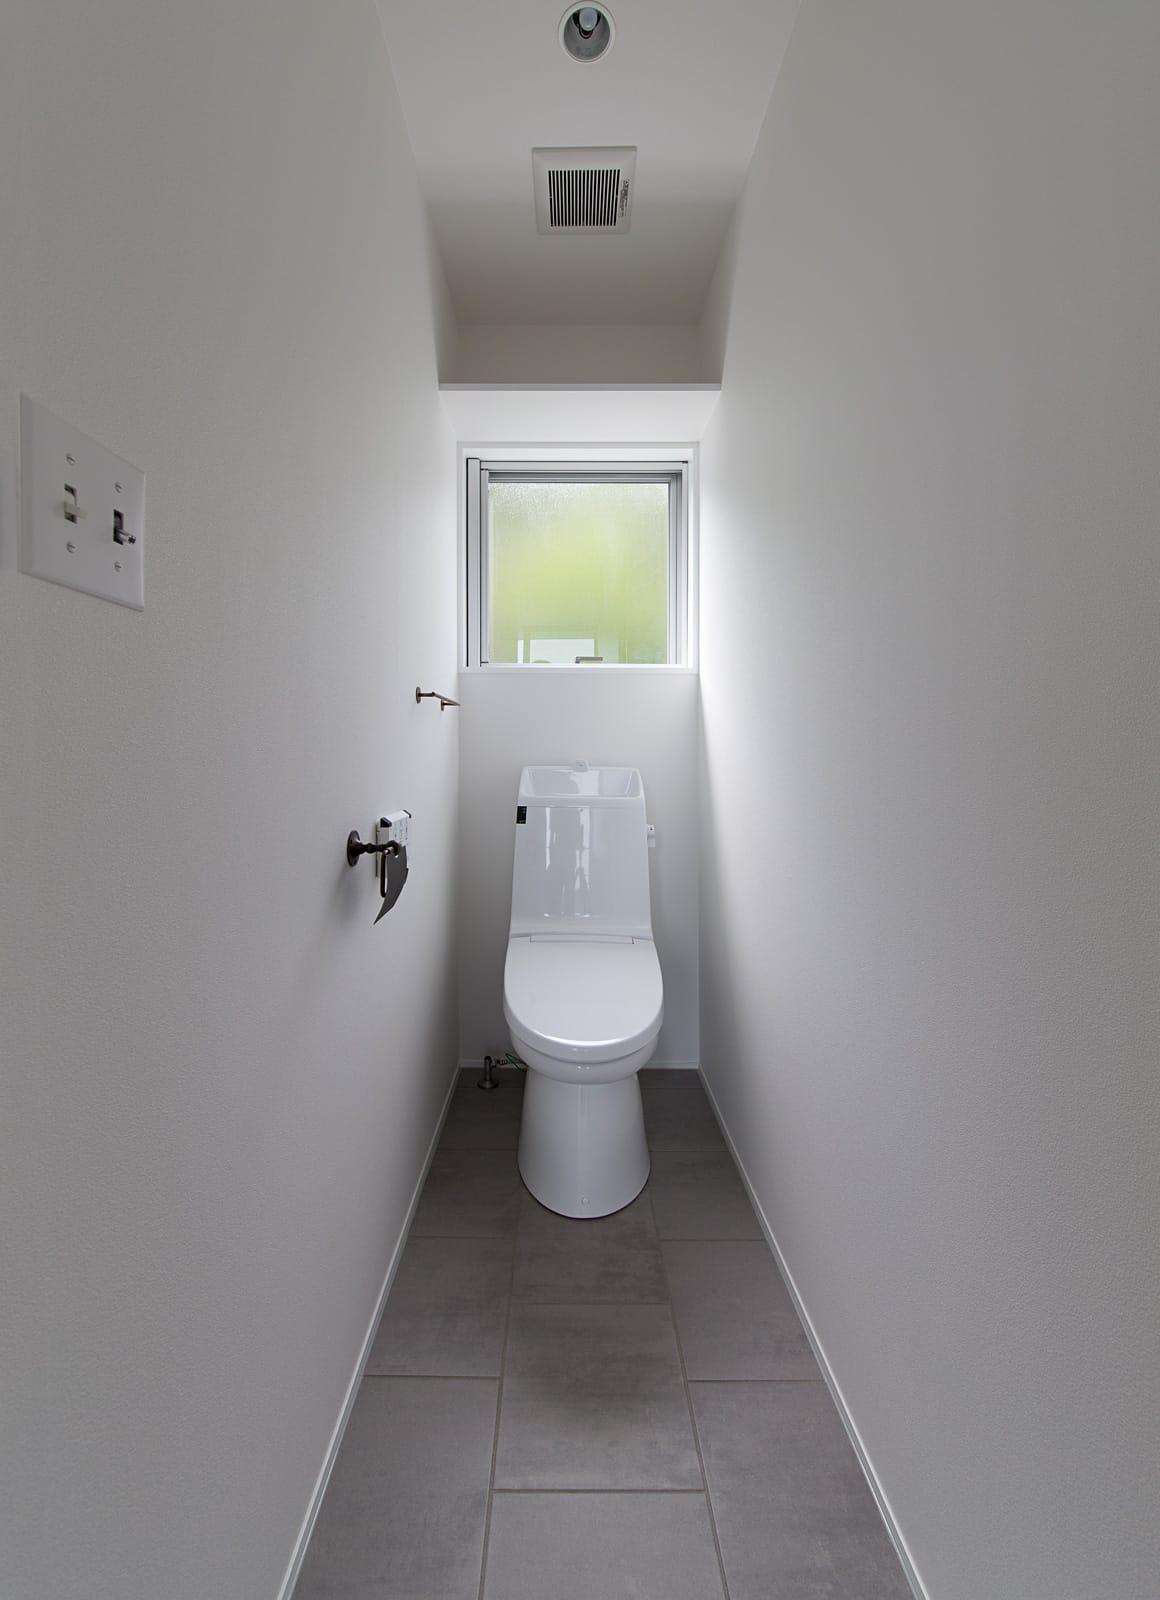 傾斜地に建つアウトドアデッキのある家のトイレ1